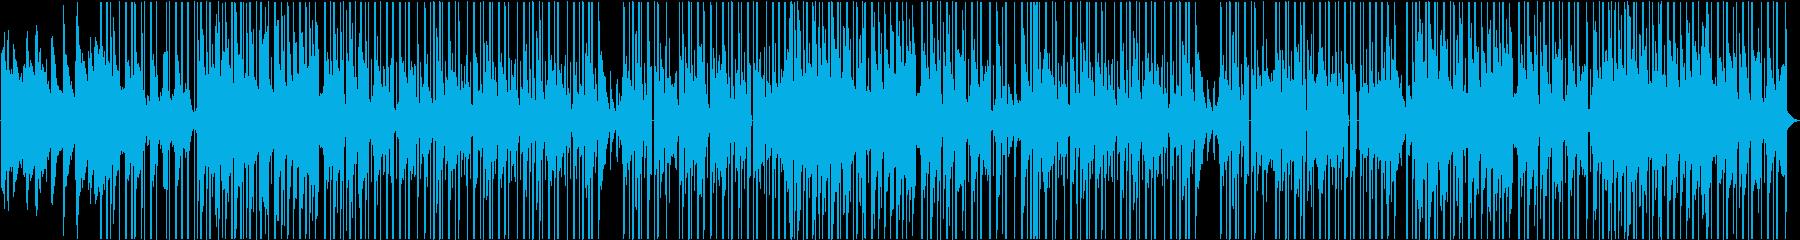 ピアノ&女性声素材が特徴のチルなビートの再生済みの波形